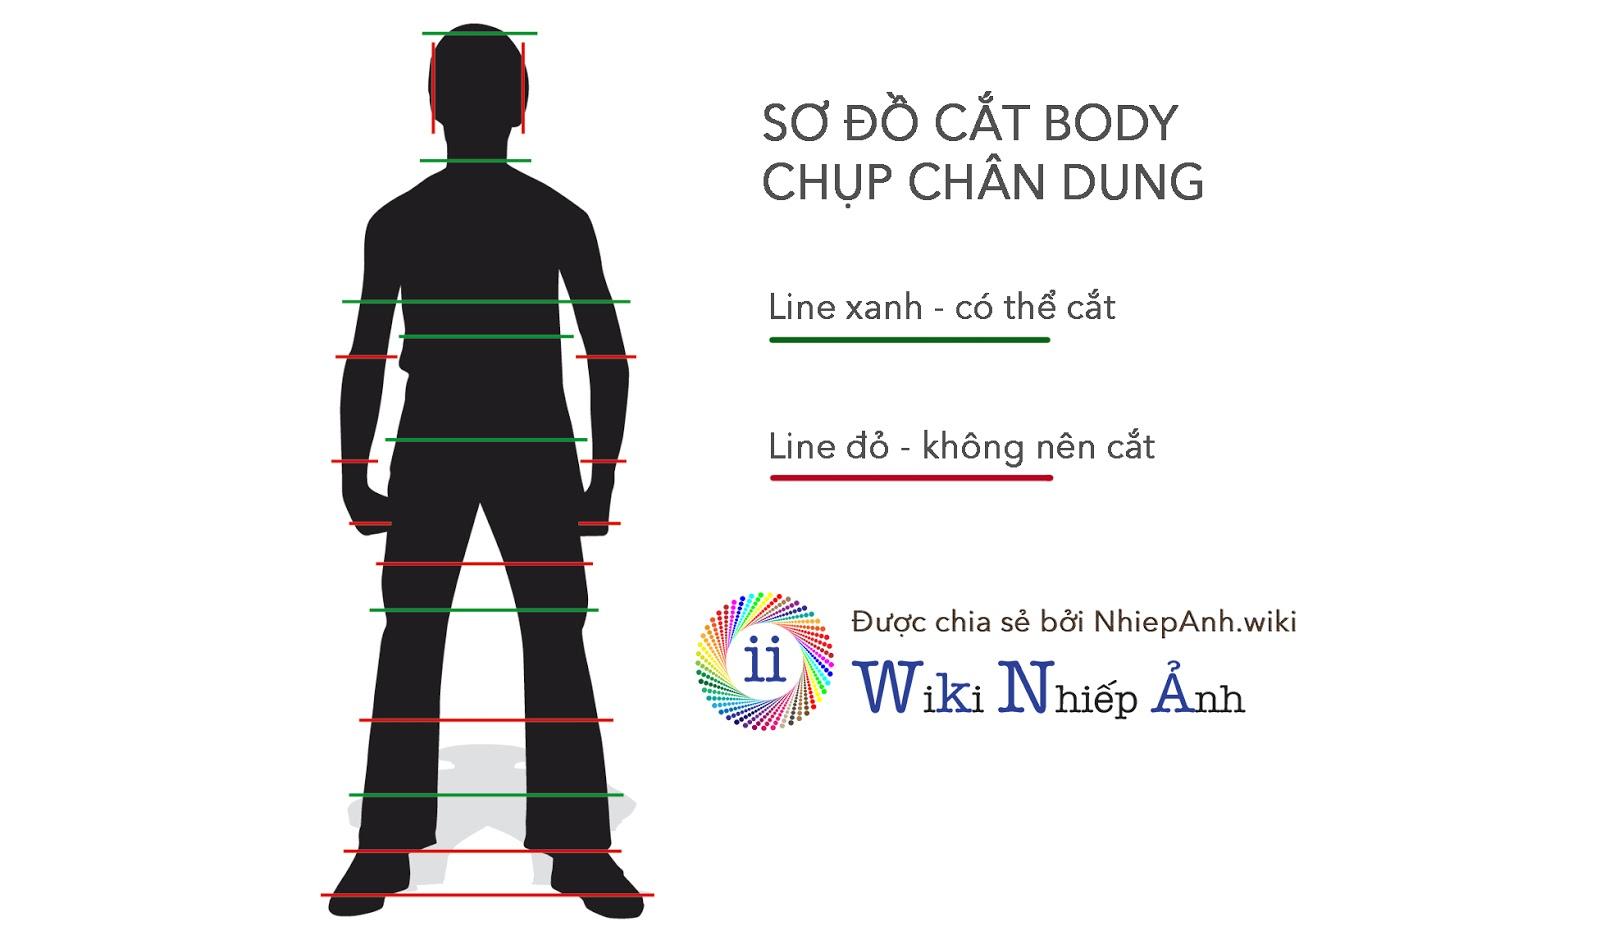 Vị trí cắt trên cơ thể chụp chân dung